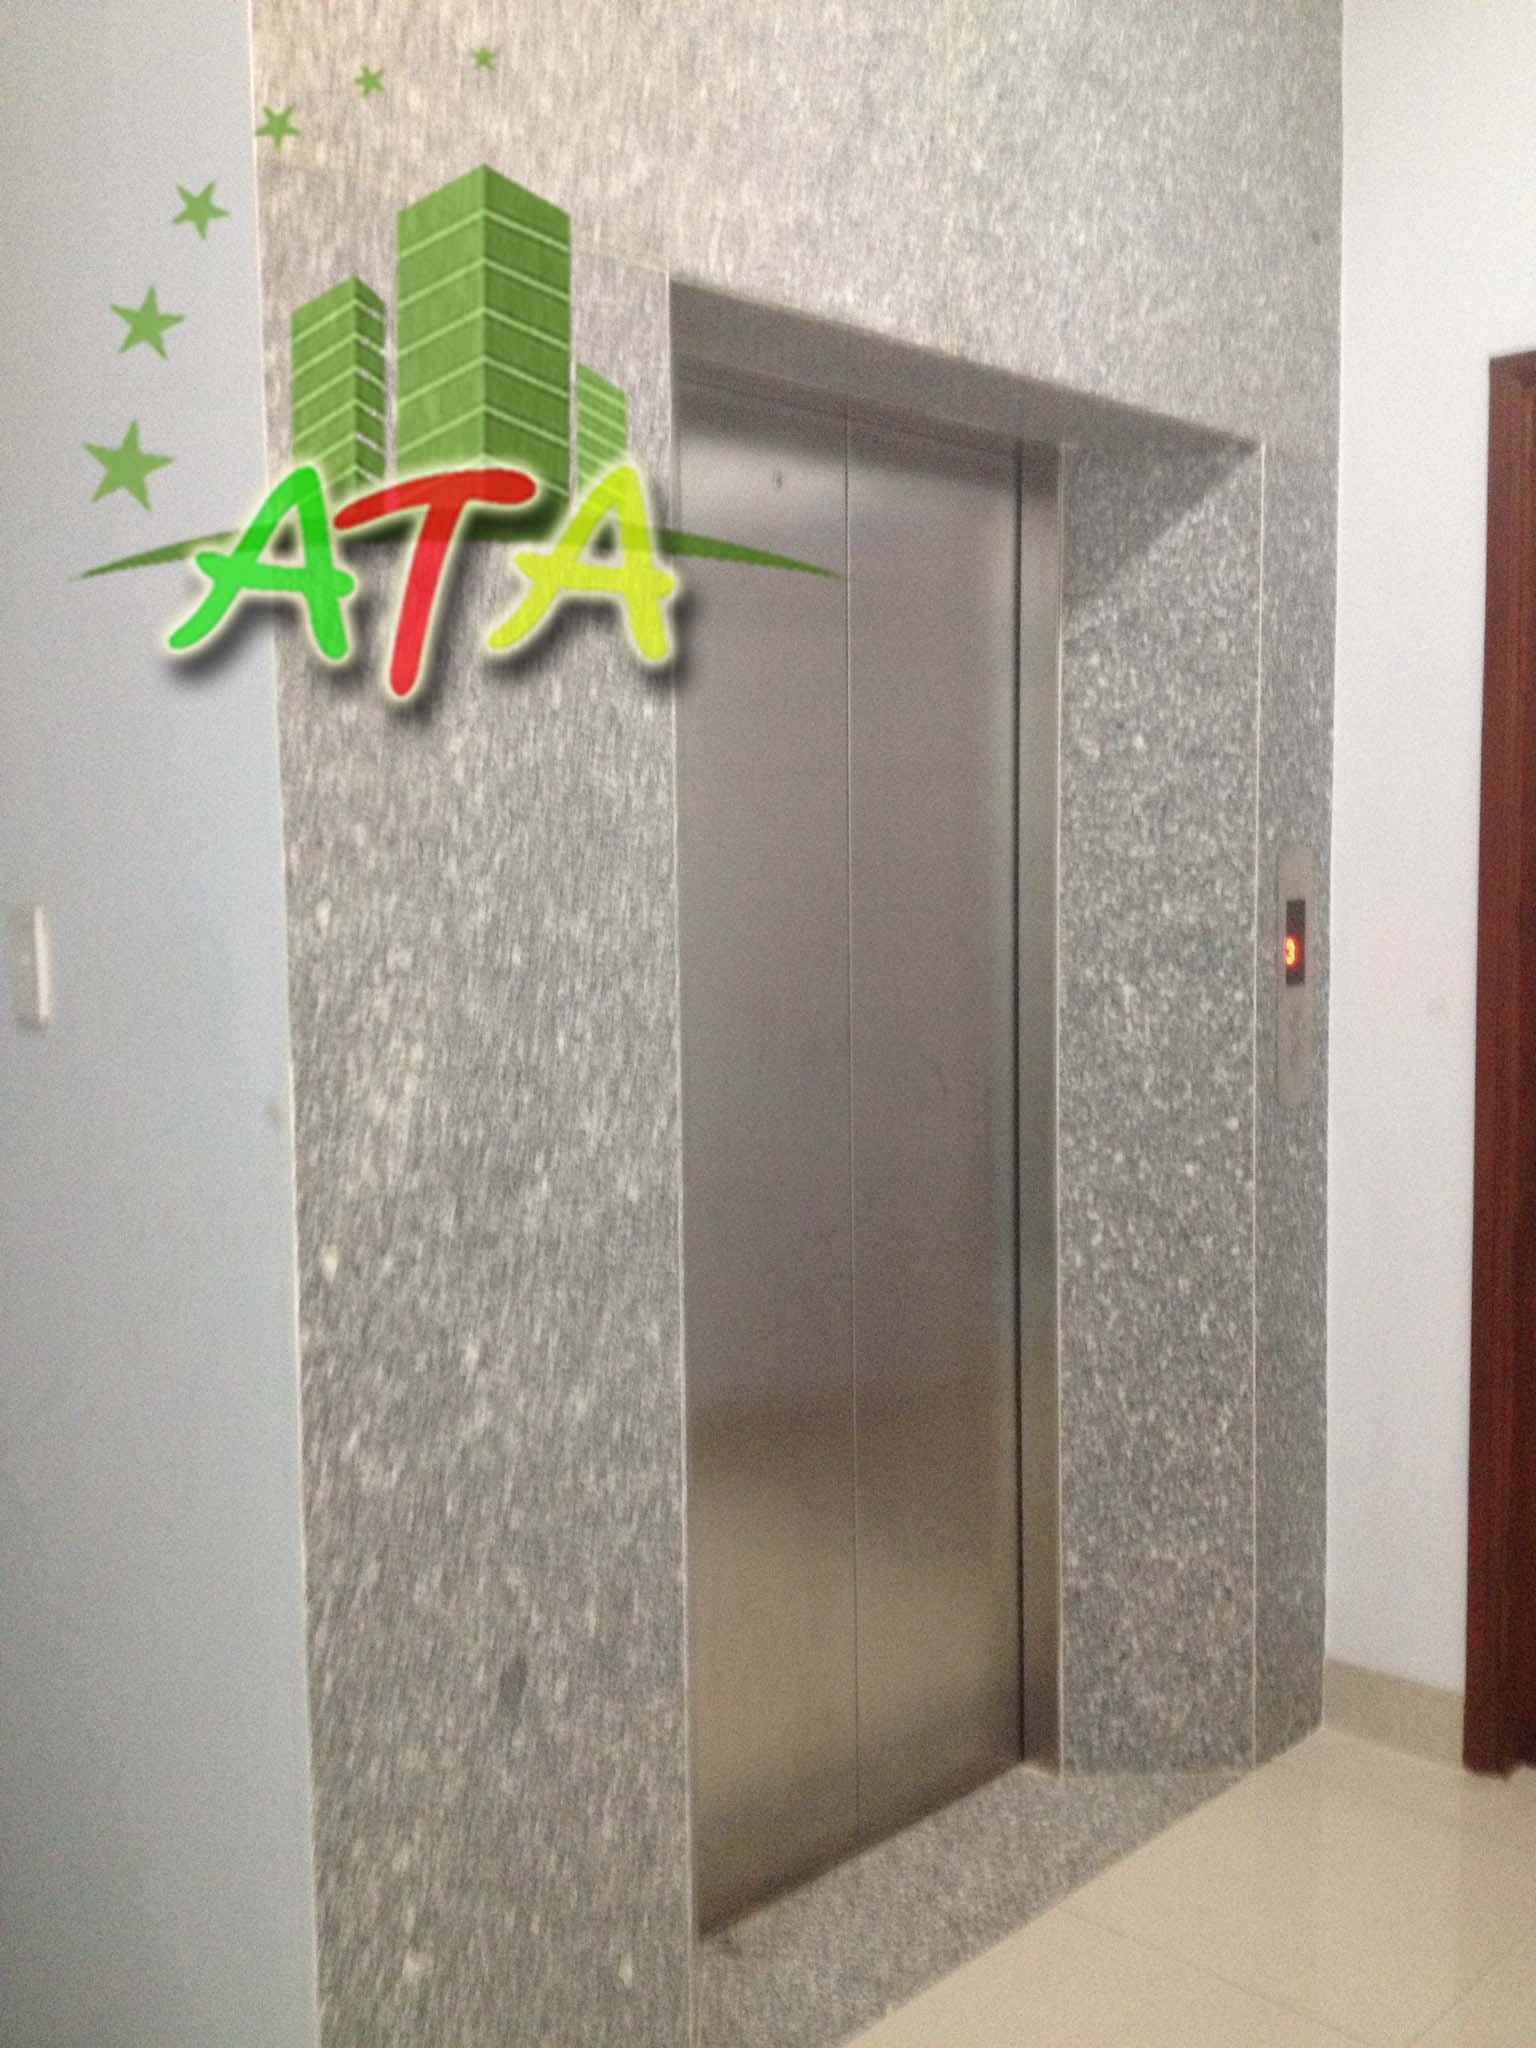 văn phòng cho thuê quận Tân Bình - đường Bạch Đằng 40 m2